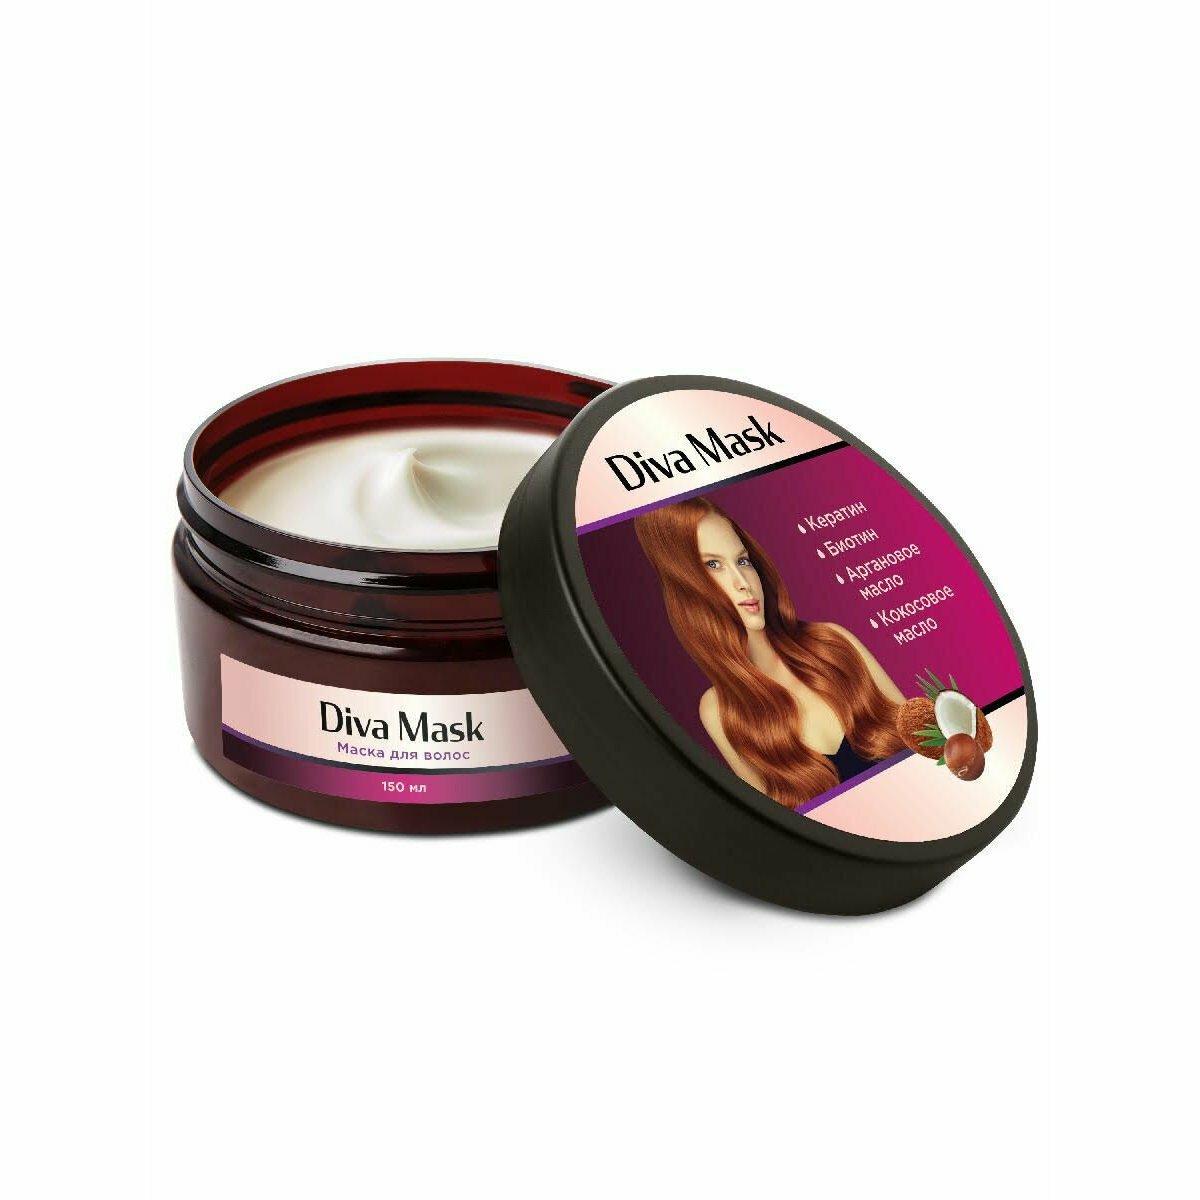 Diva Mask для укрепления и здоровья волос в Уфе